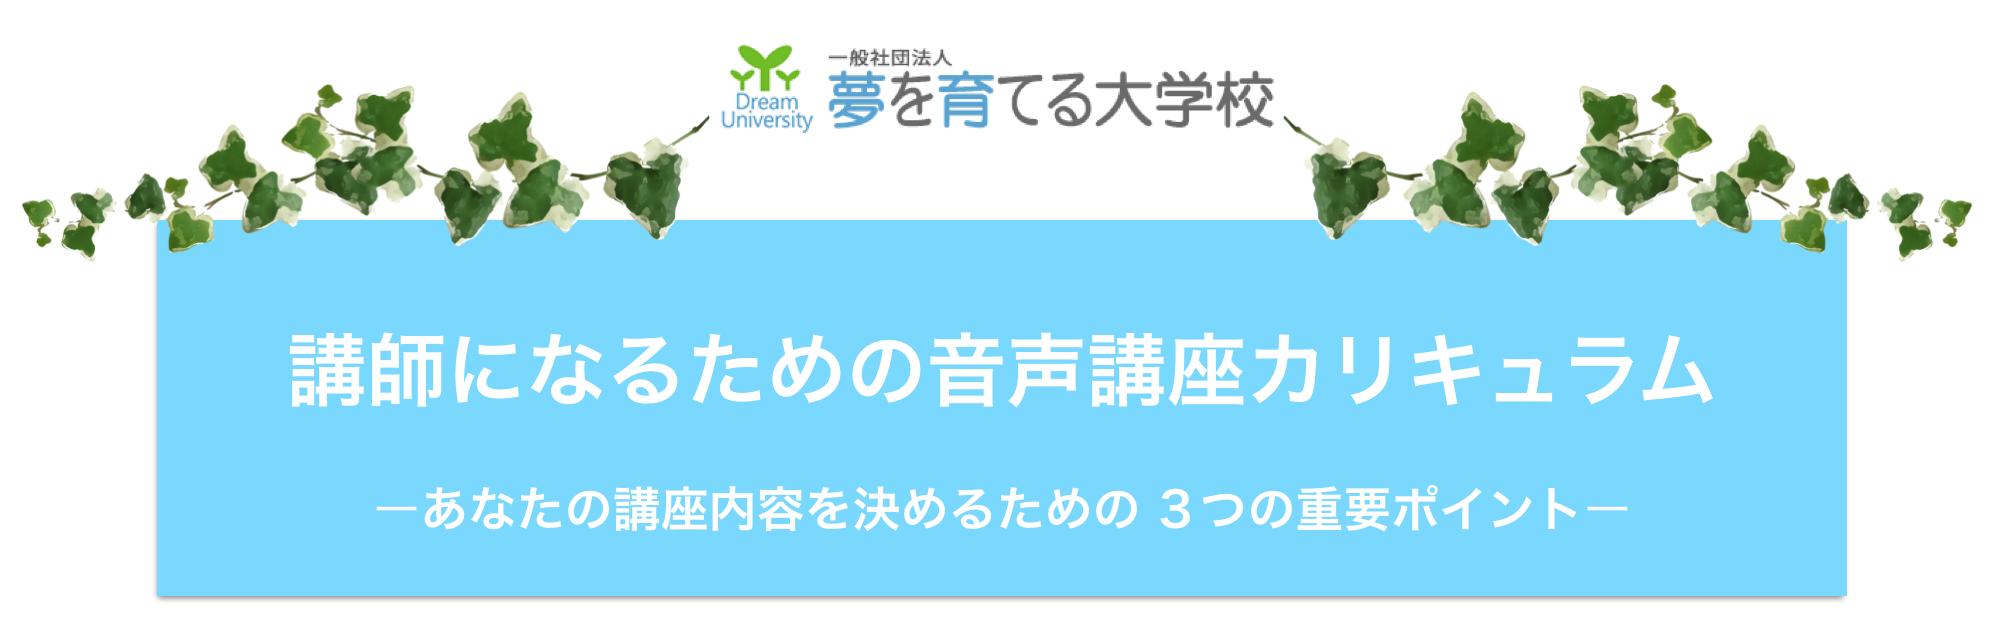 スクリーンショット 2015-04-28 21.28.04